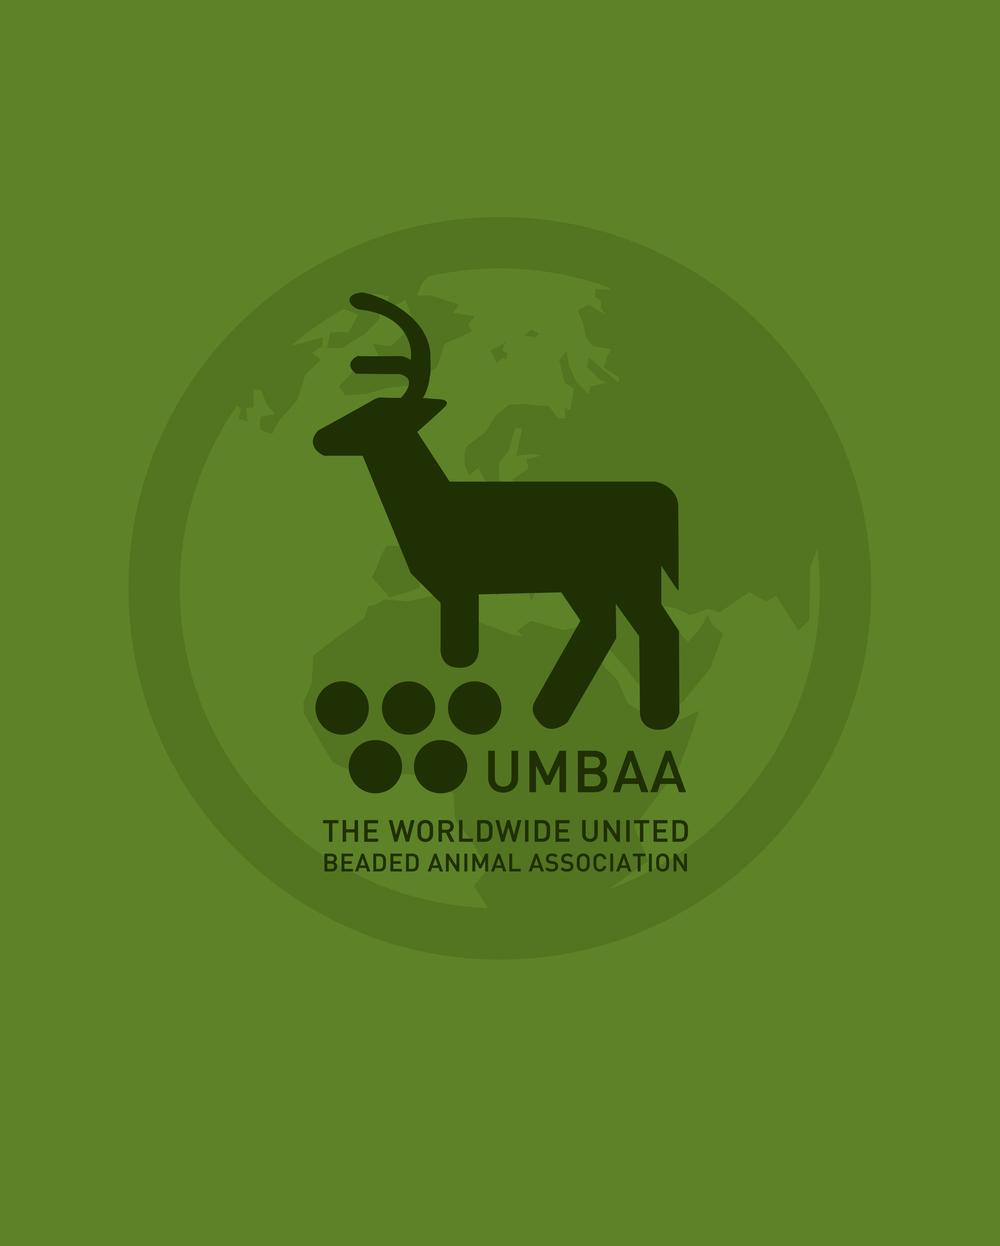 WUMBAA.jpg